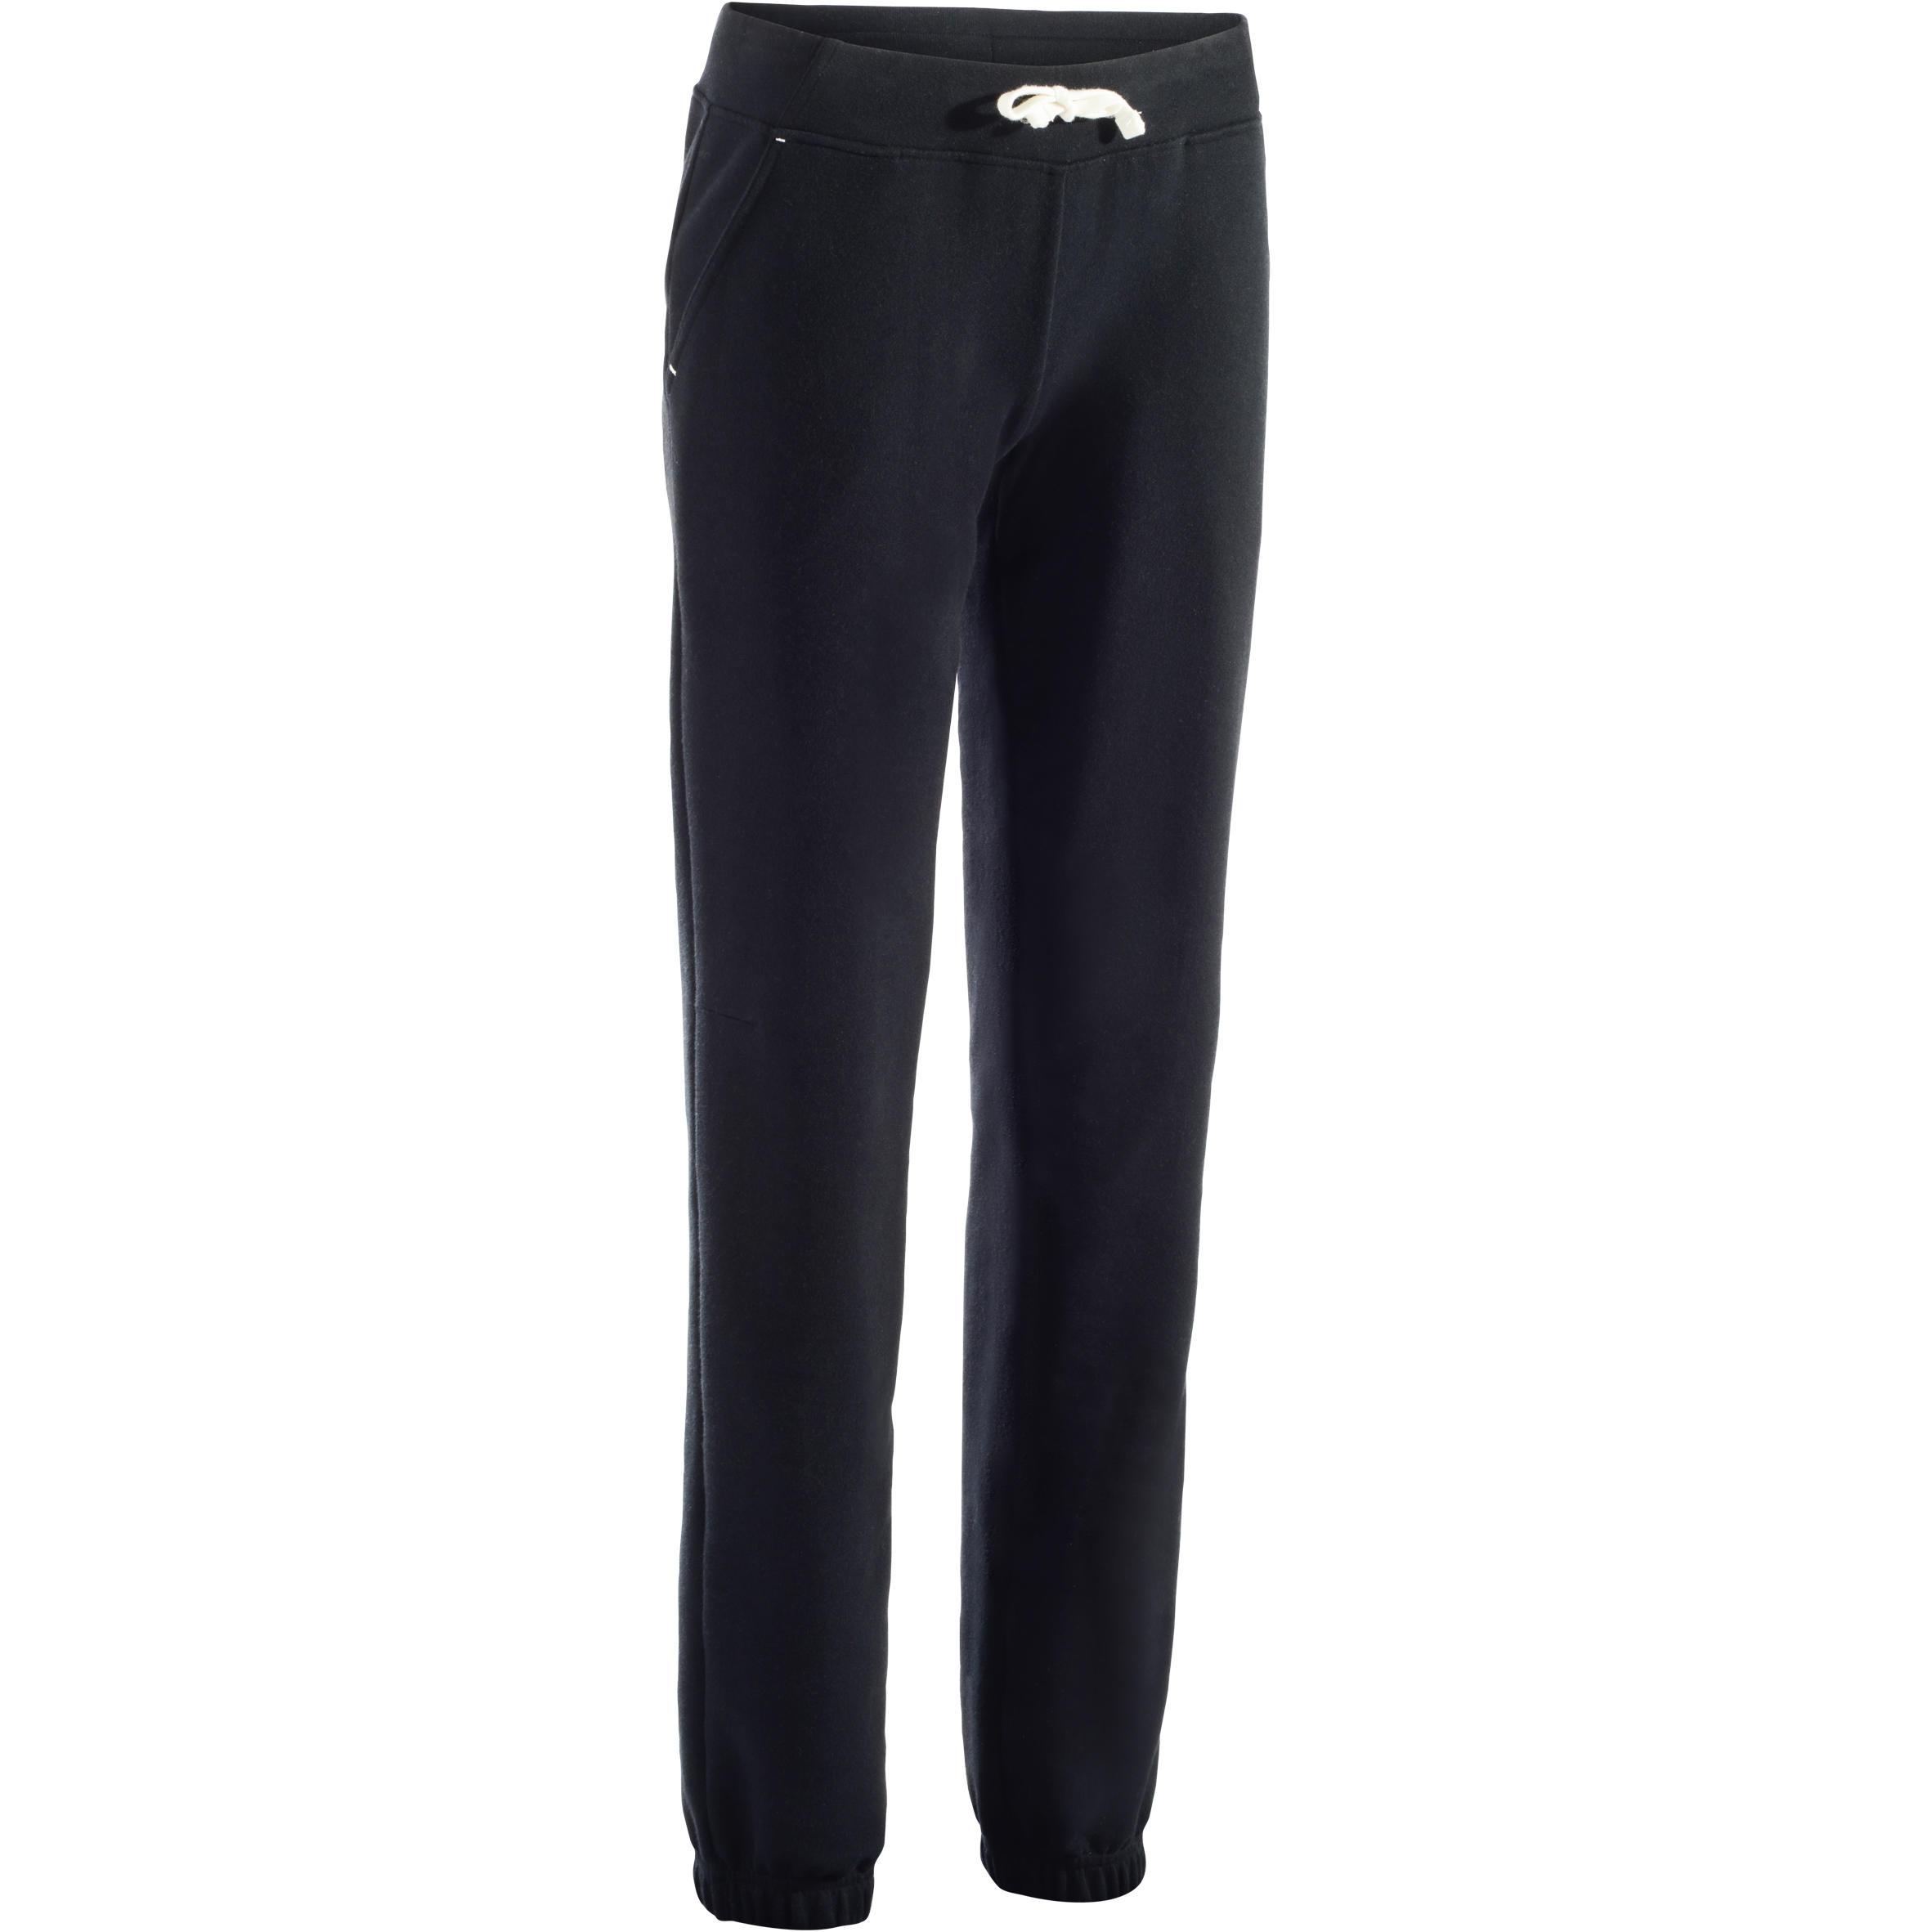 Pantalon 500 régulier gymnastique d'étirements femme noir